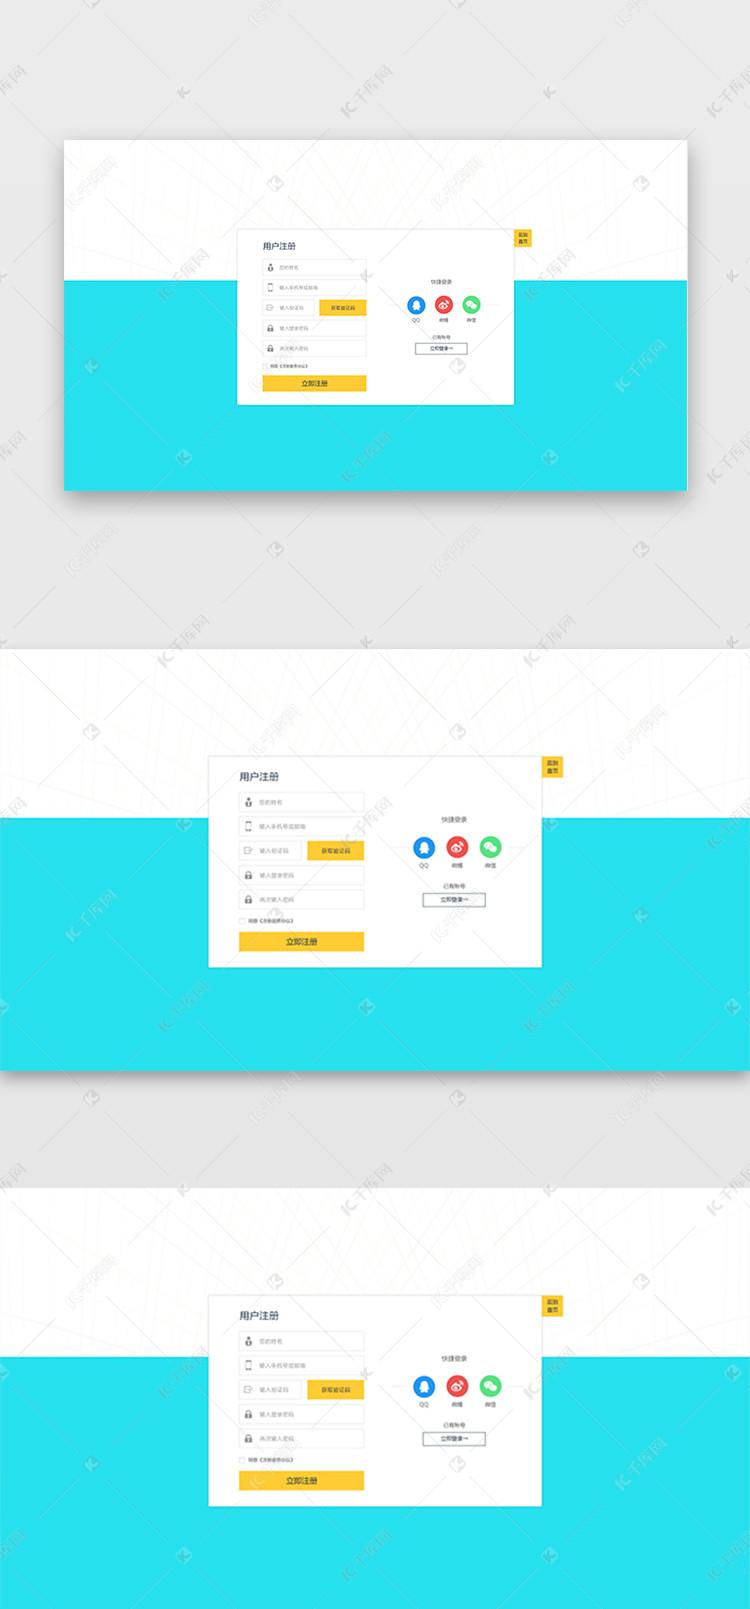 蓝色a蓝色用户注册v蓝色页面快捷注册弹出界面u广申建筑设计股份有限公司图片